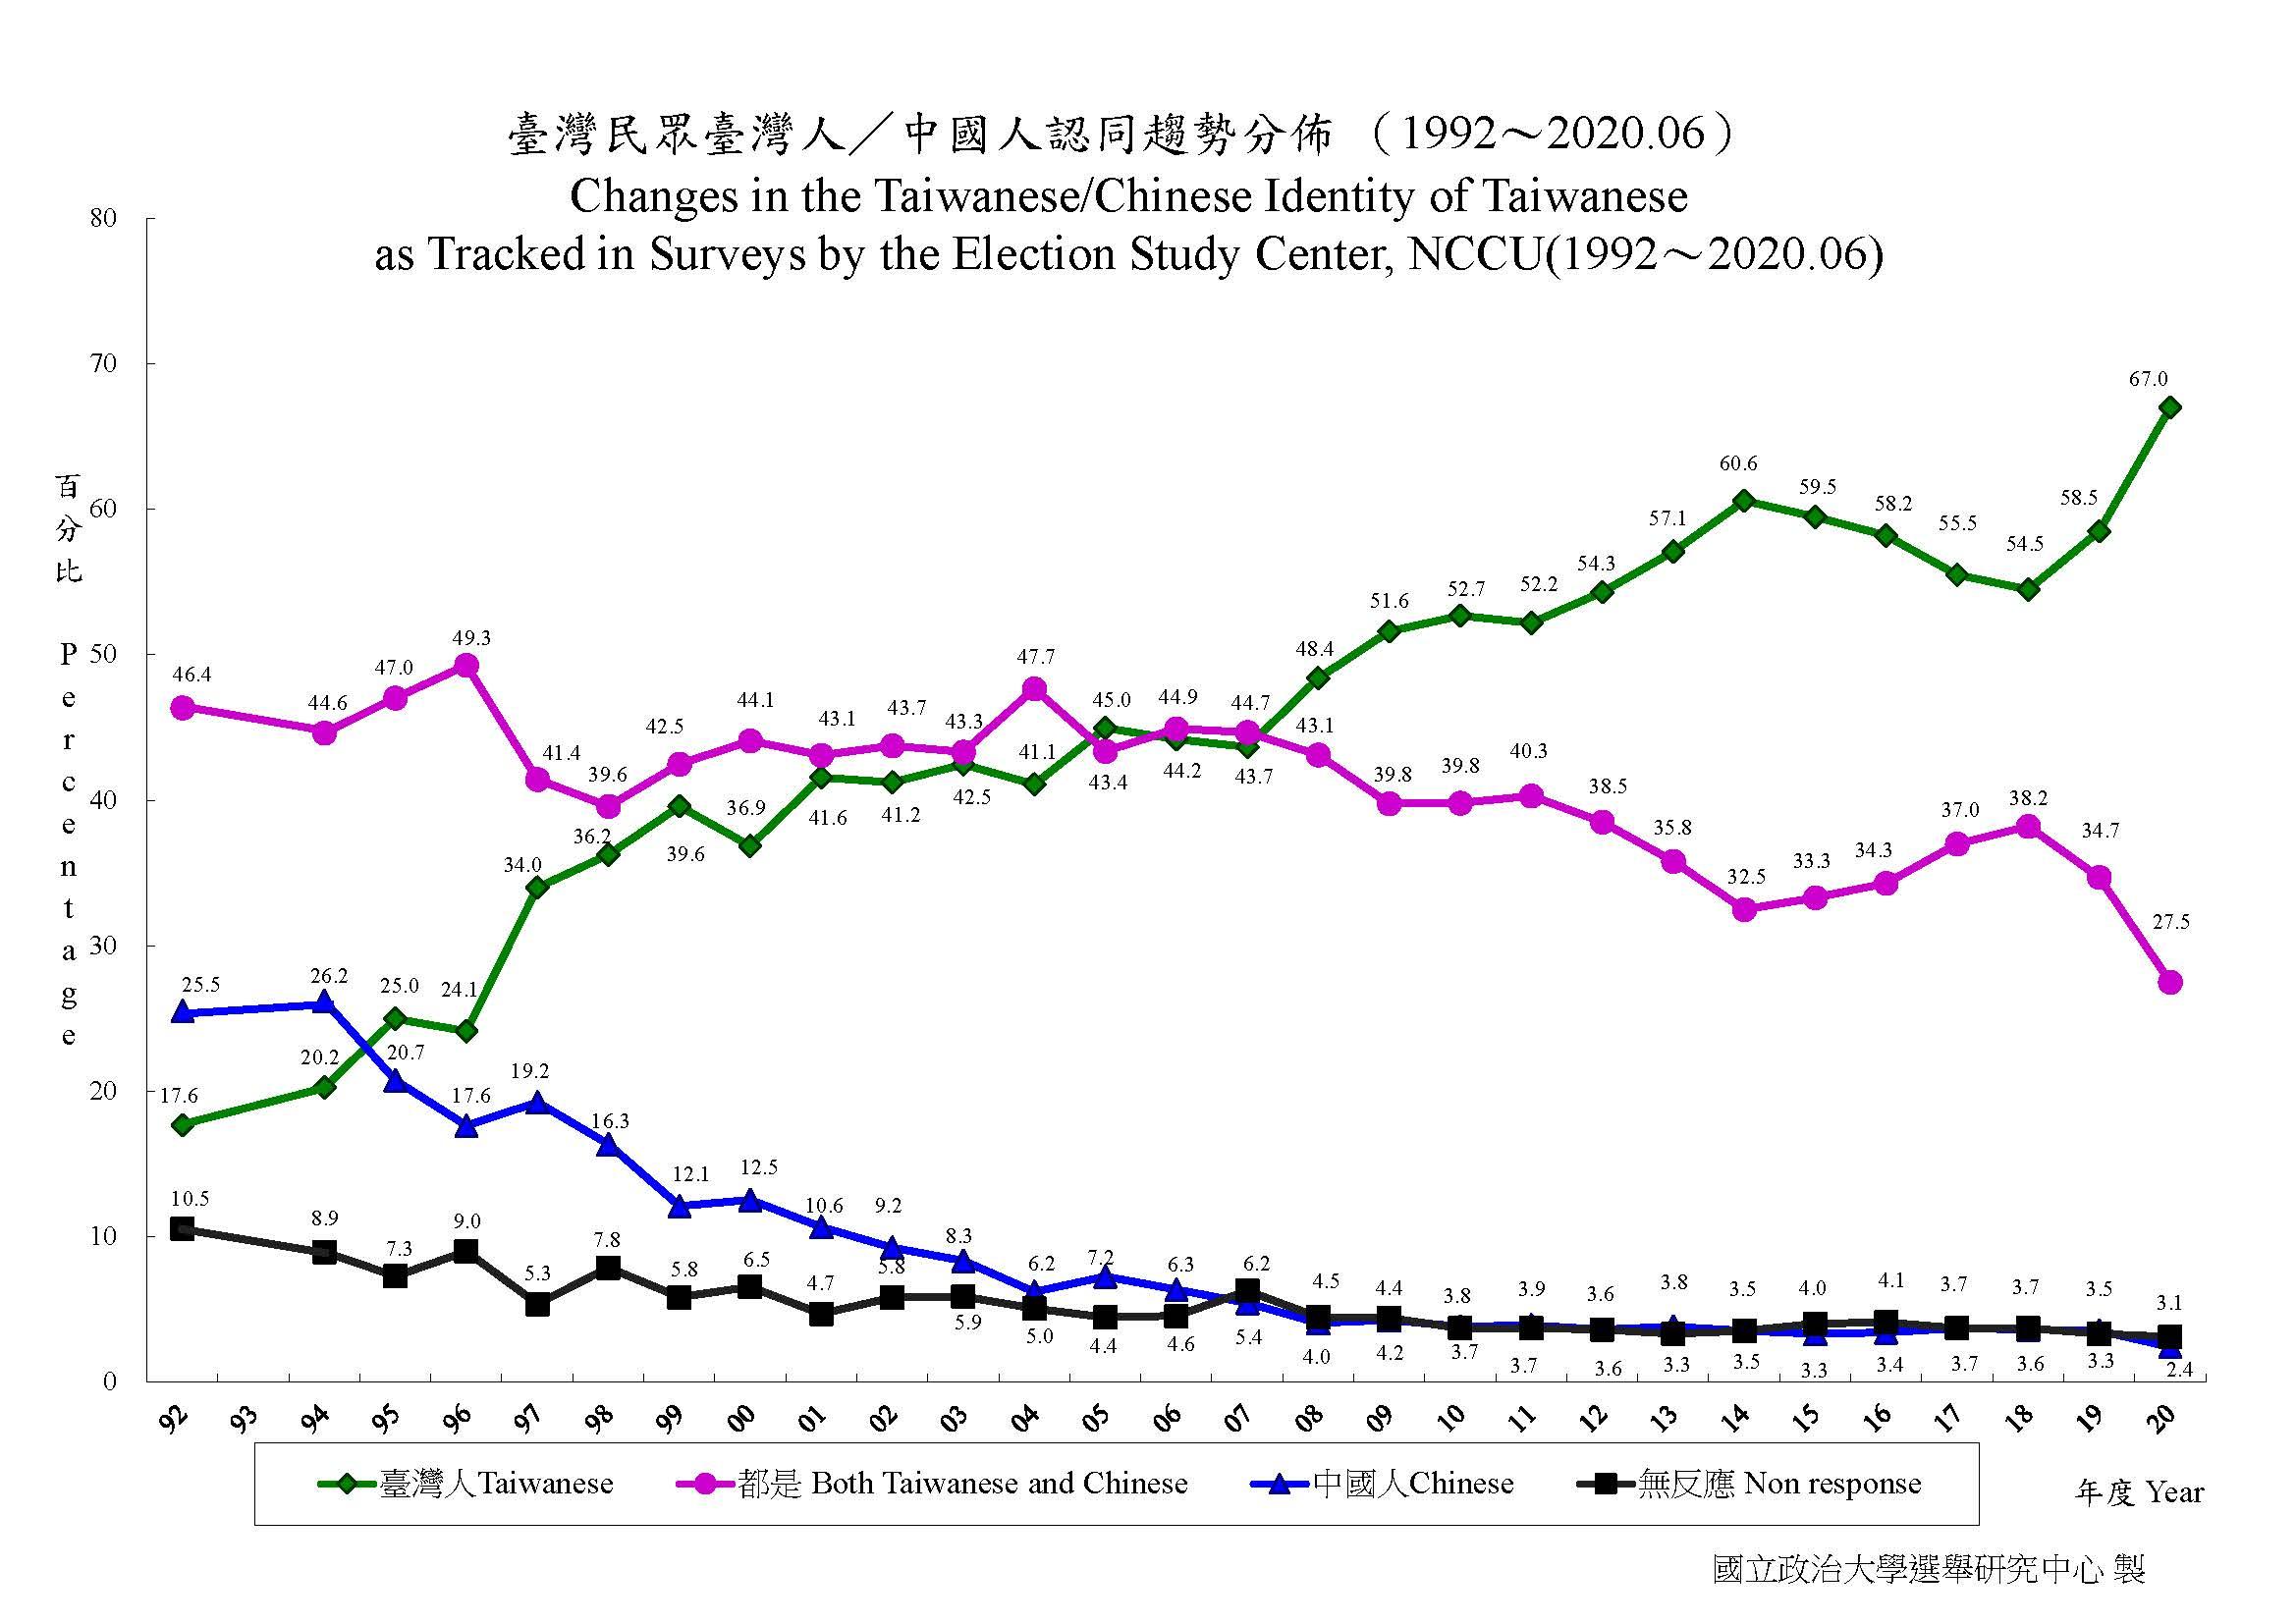 自1992年至2020年6月,臺灣民眾自認是「臺灣人而非中國人」的比率長期遞增至67%,自認是「中國人」的比率長期遞減至2.4%,多年來,臺獨派的「去中國化」工程已成功使絕大部分的臺灣民眾「認異」於中國。(資料擷取自:政治大學選舉研究中心)